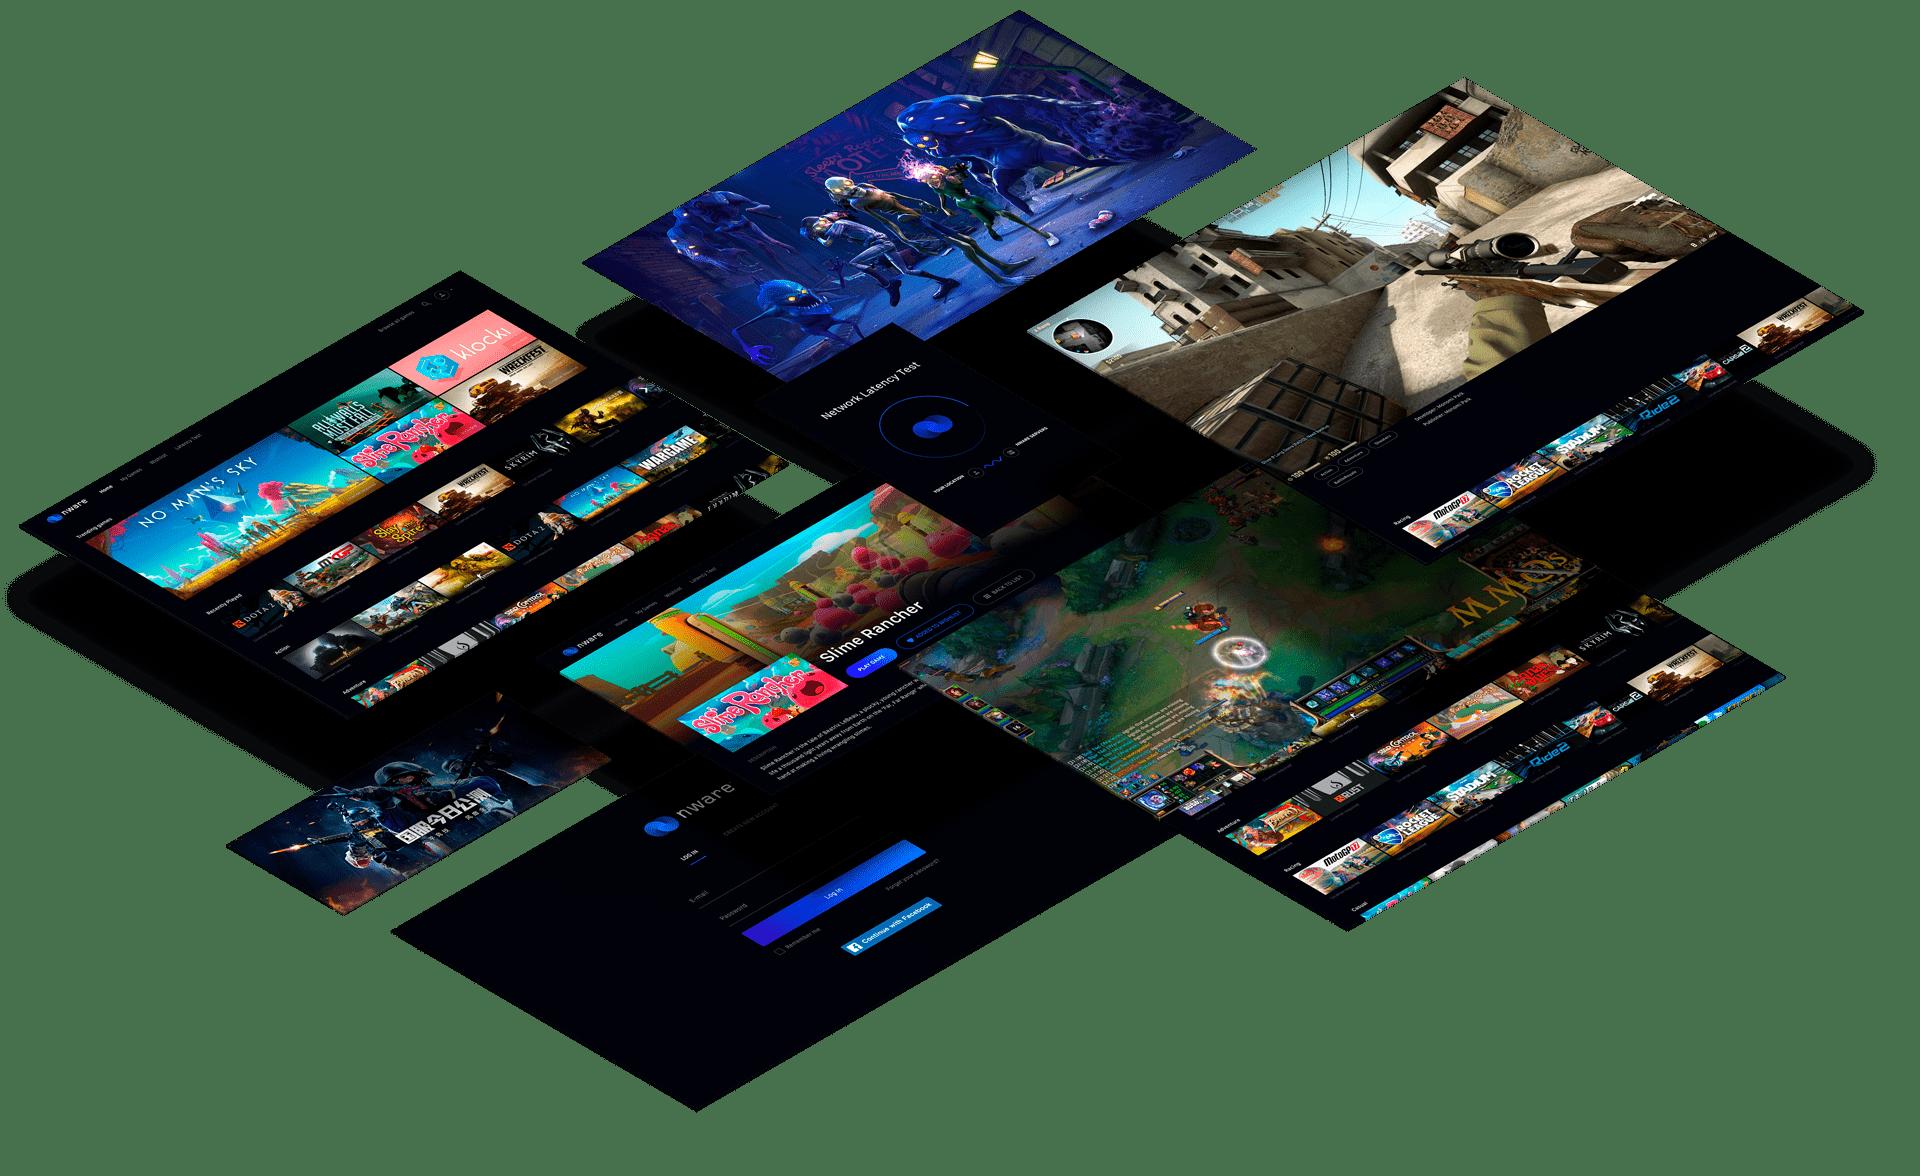 Nware desarrolla la infraestructura de cloud gaming más compleja del mercado